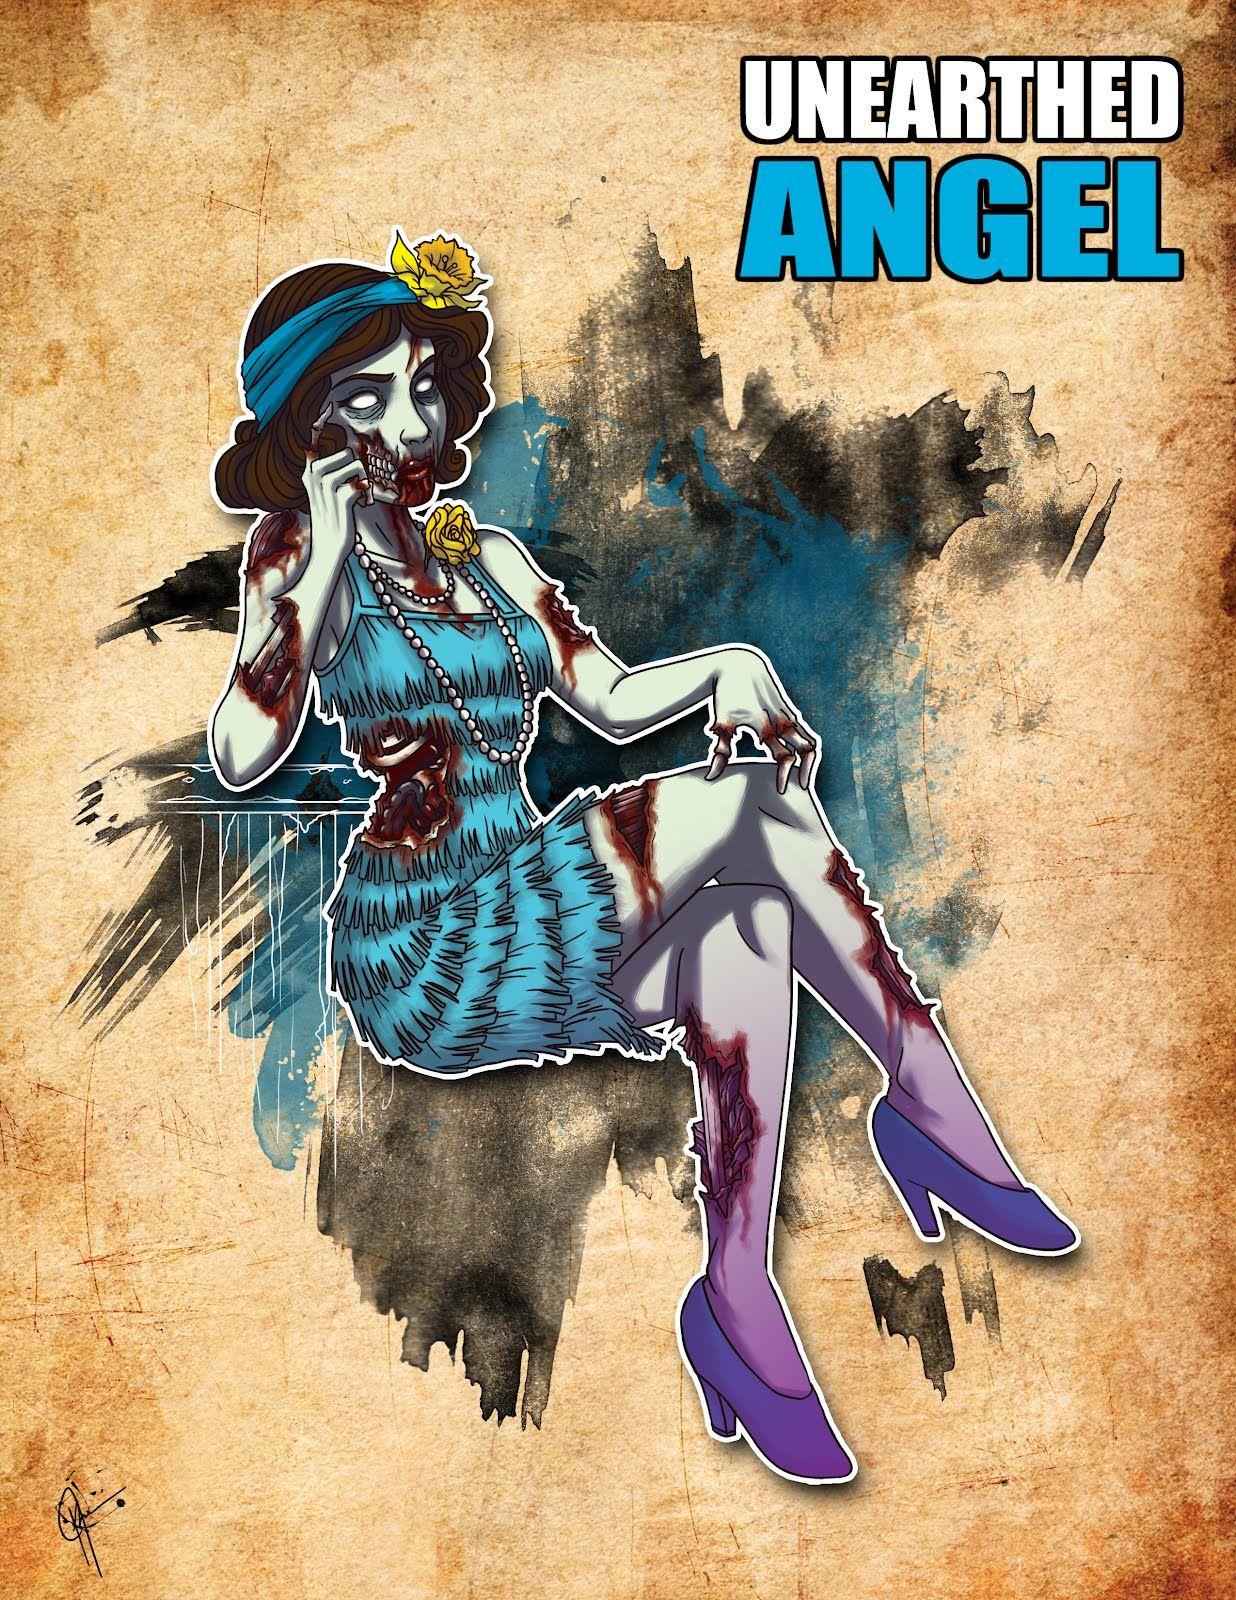 Lady_UnearthedAngel.jpg 1,236×1,600 pixels